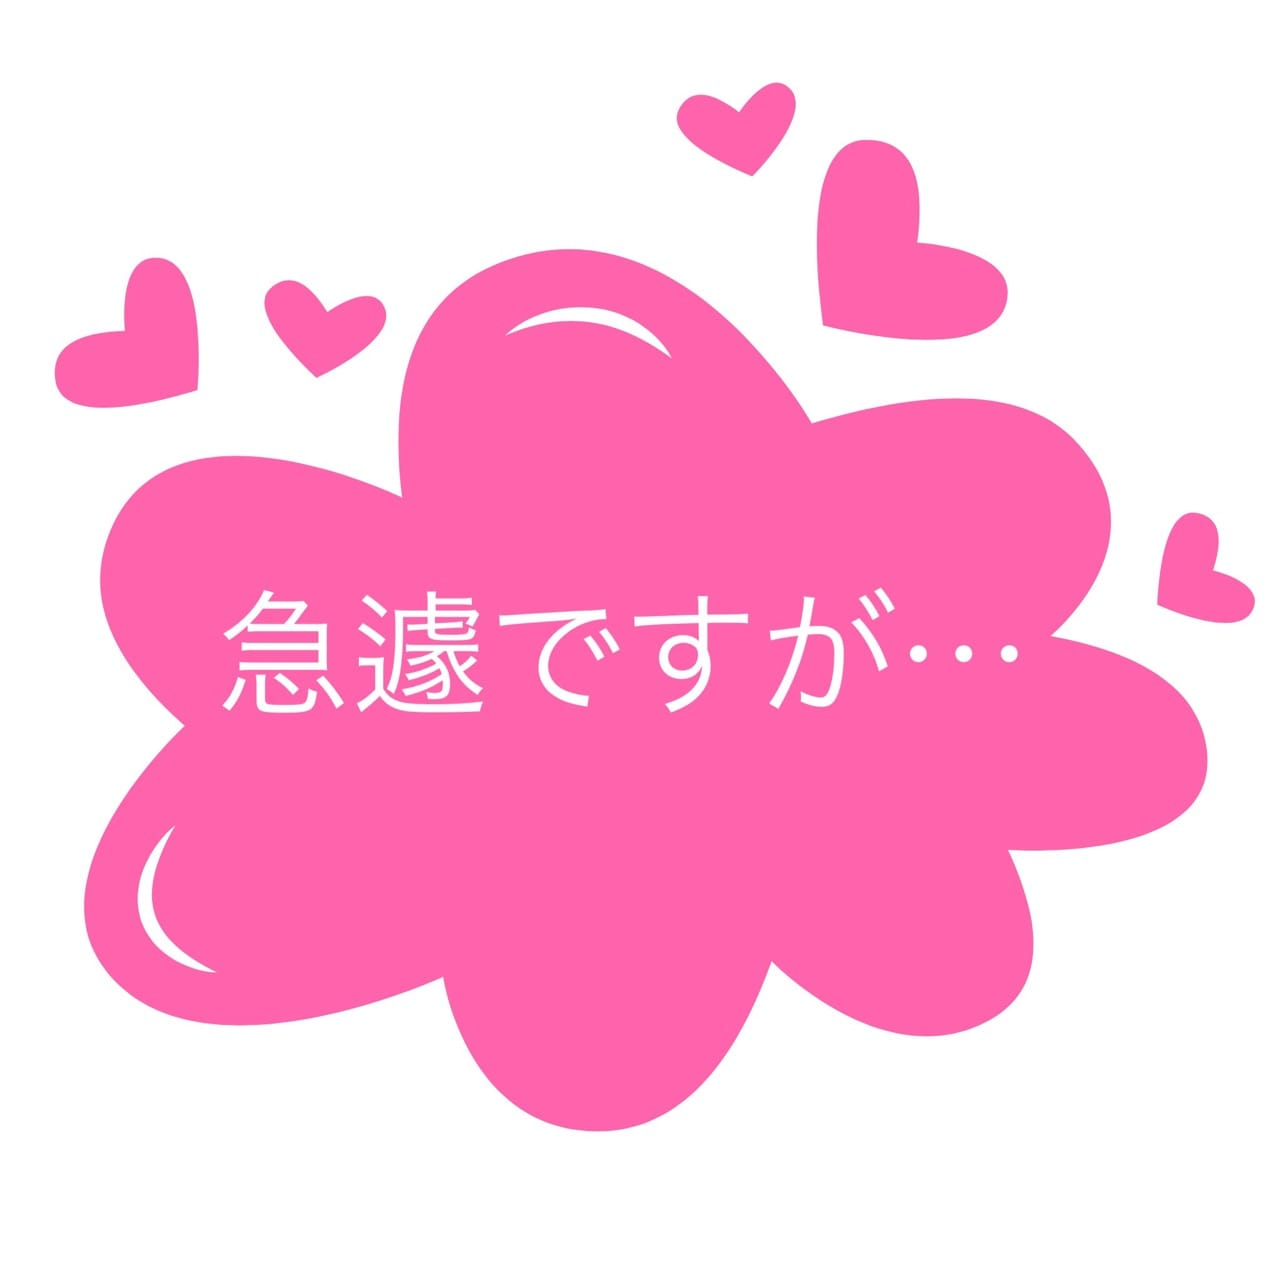 萩原~HAGIWARA~「ᕱ⑅ᕱ゛」03/21(水) 01:29 | 萩原~HAGIWARA~の写メ・風俗動画